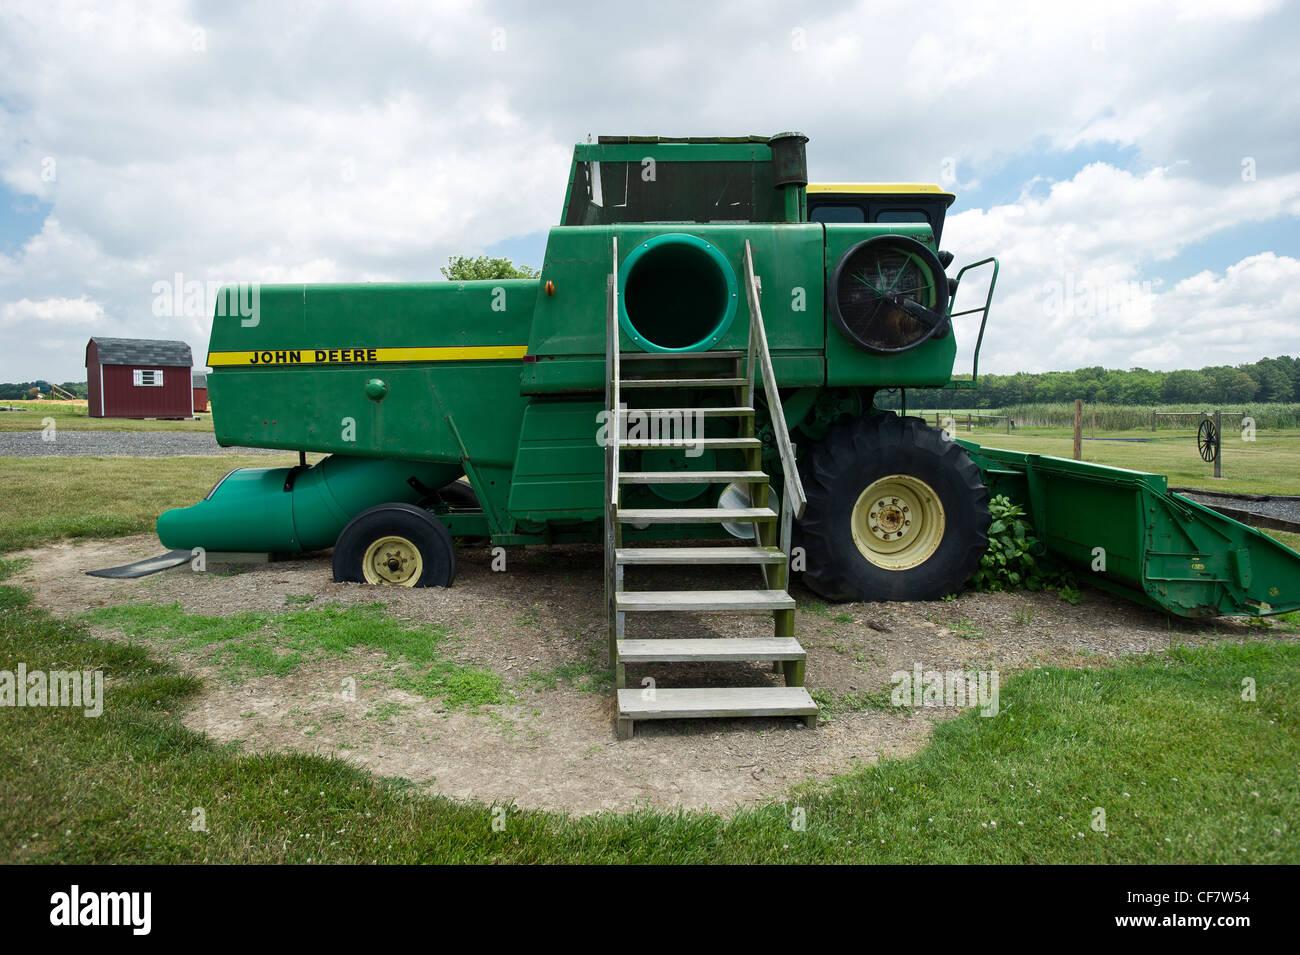 Klettergerüst Traktor : Traktor spielhaus für kinder stockfoto bild: 43813984 alamy